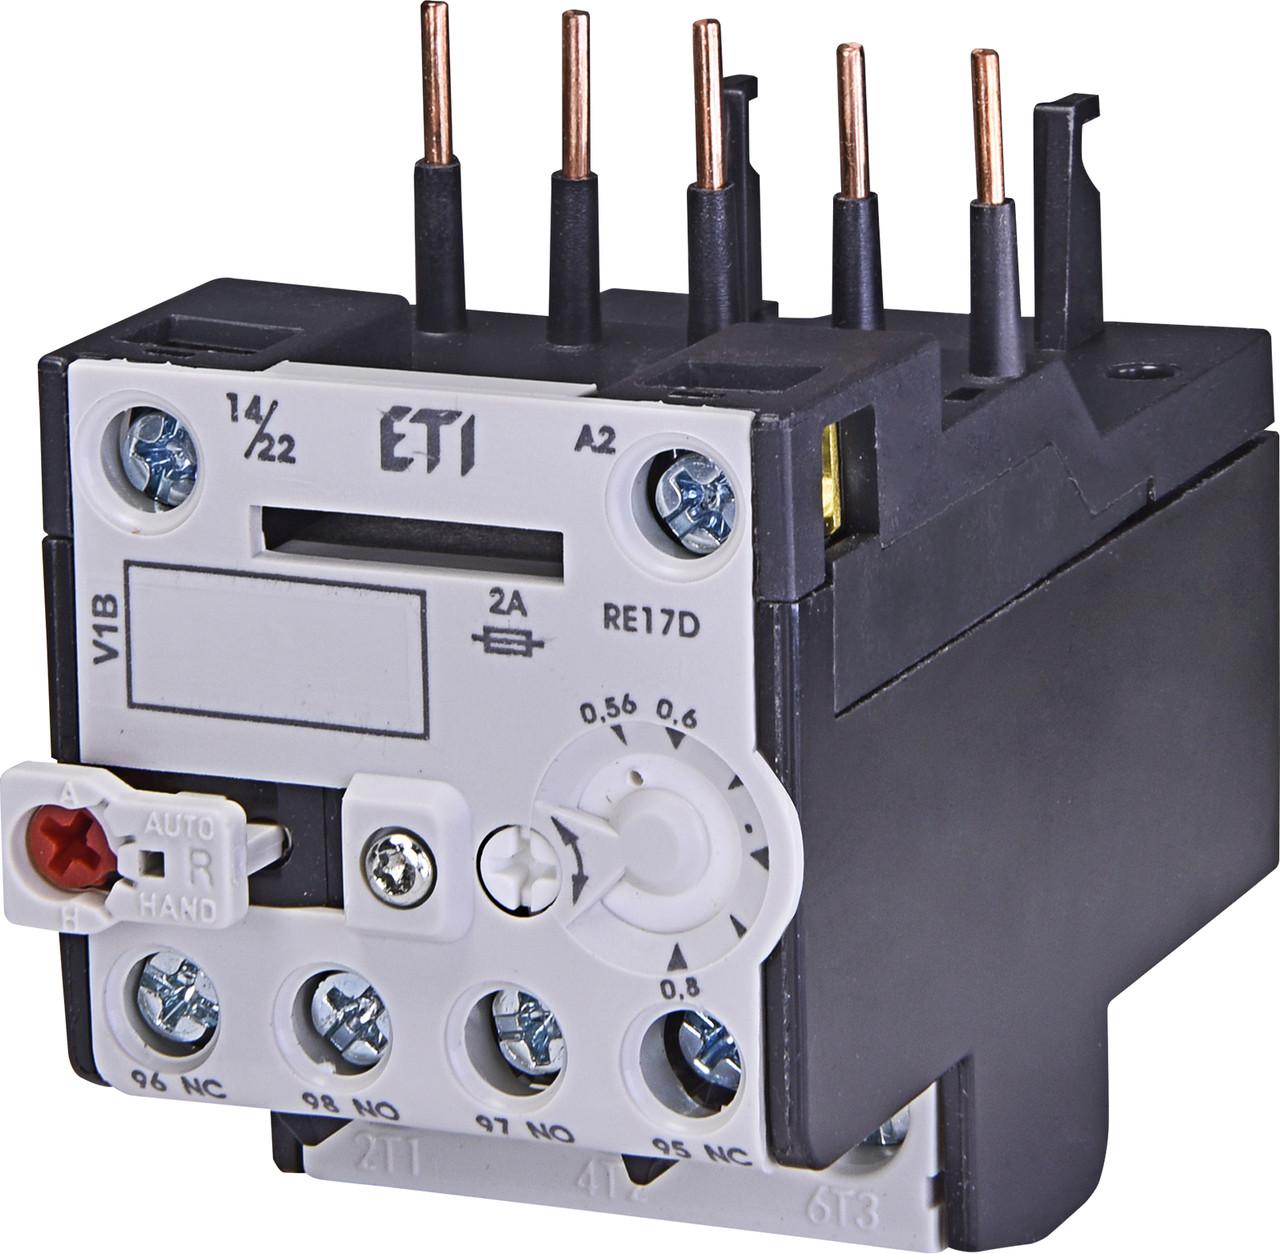 Тепловое реле ETI RE 17D-0,8 (0,56-0,8A) CE07/CEC 4641402 (для контакторов)